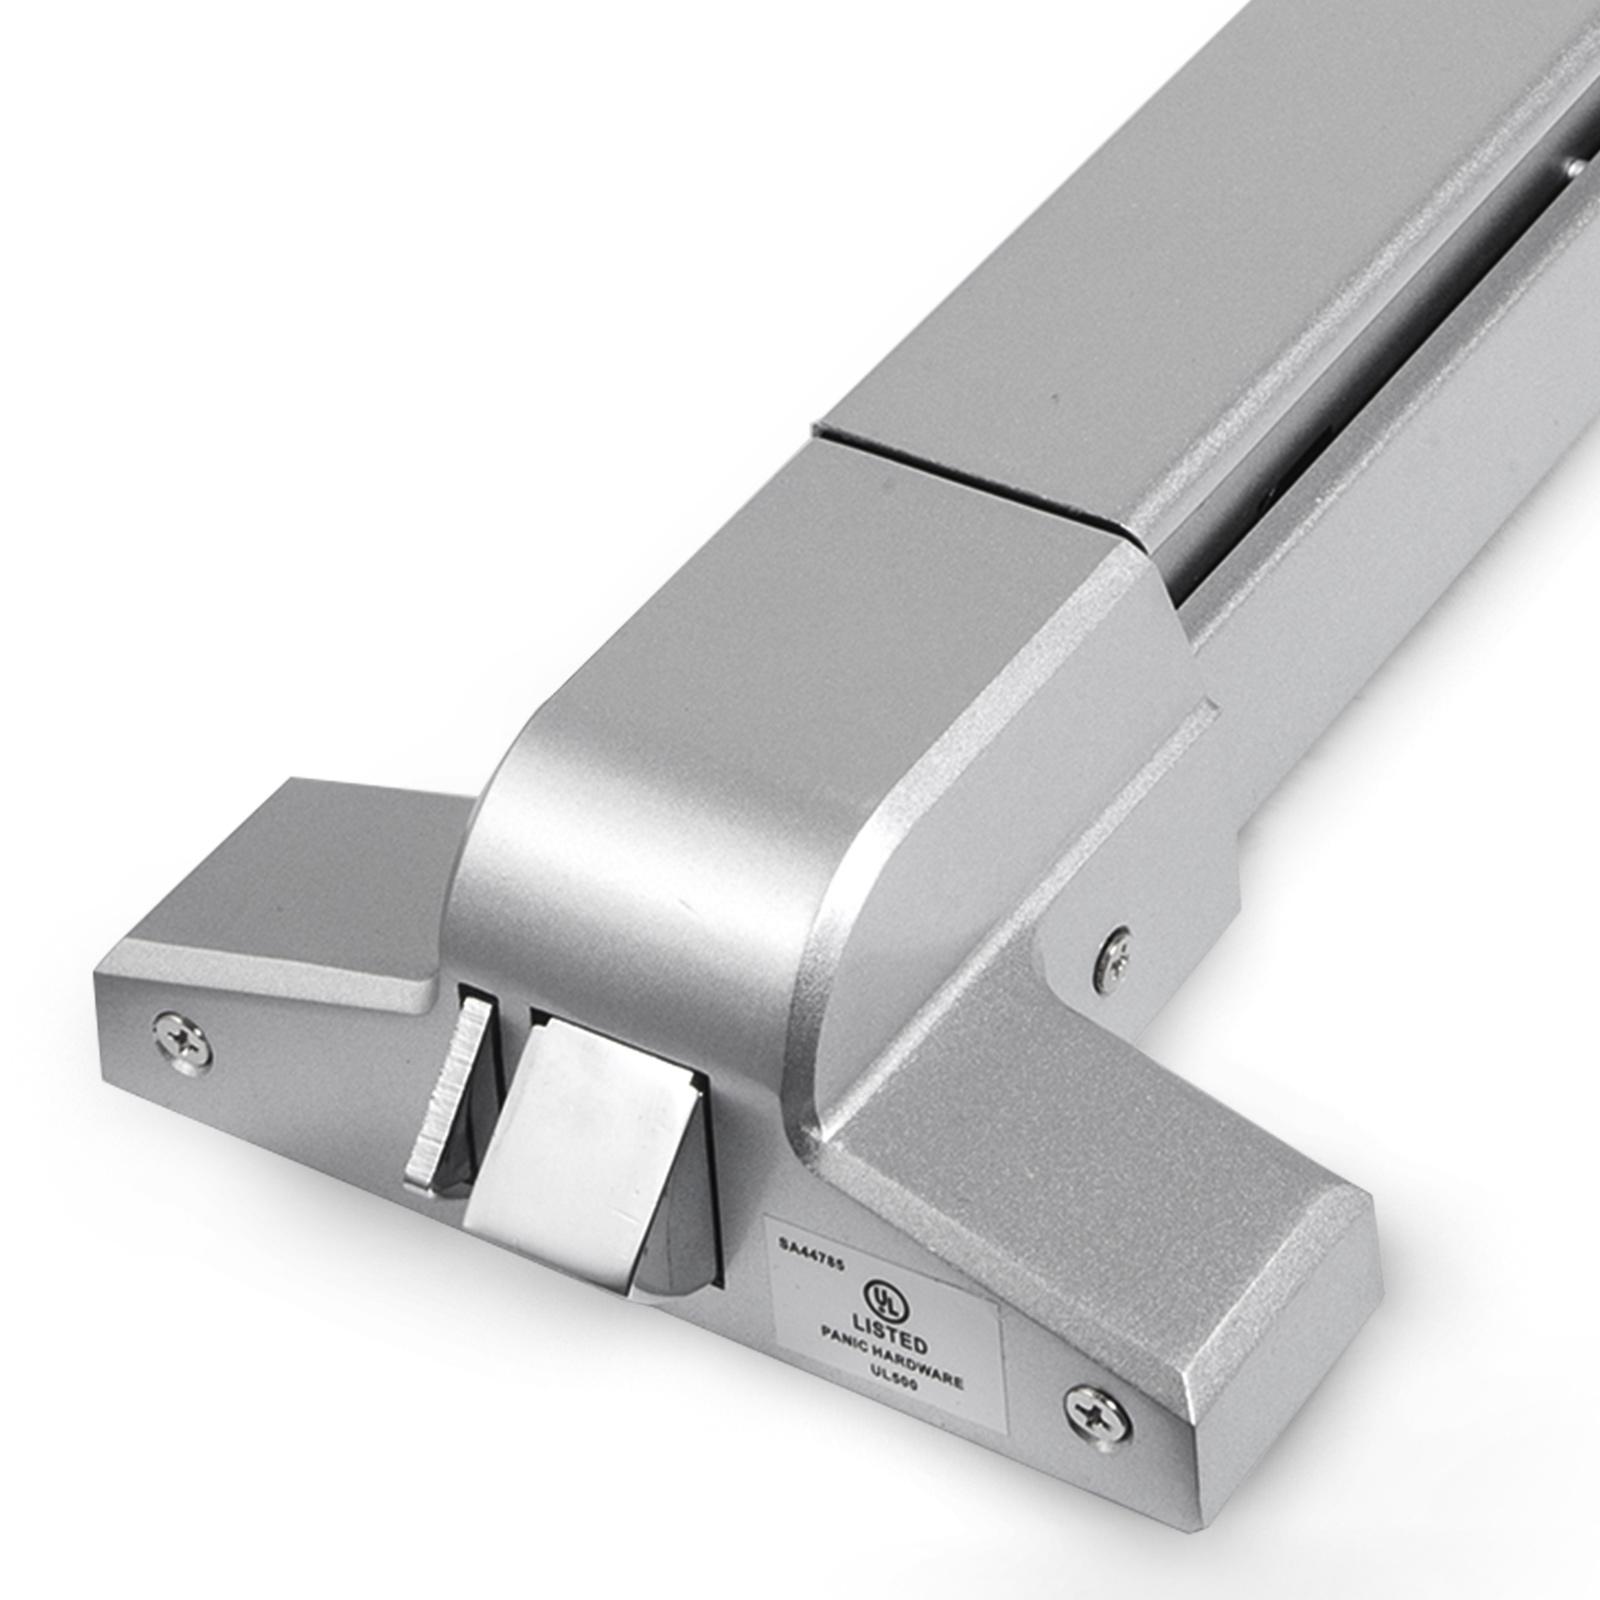 Door Push Bar Panic Bar Exit Device Lock Handle//Alarm Safety Metal Anti-theft